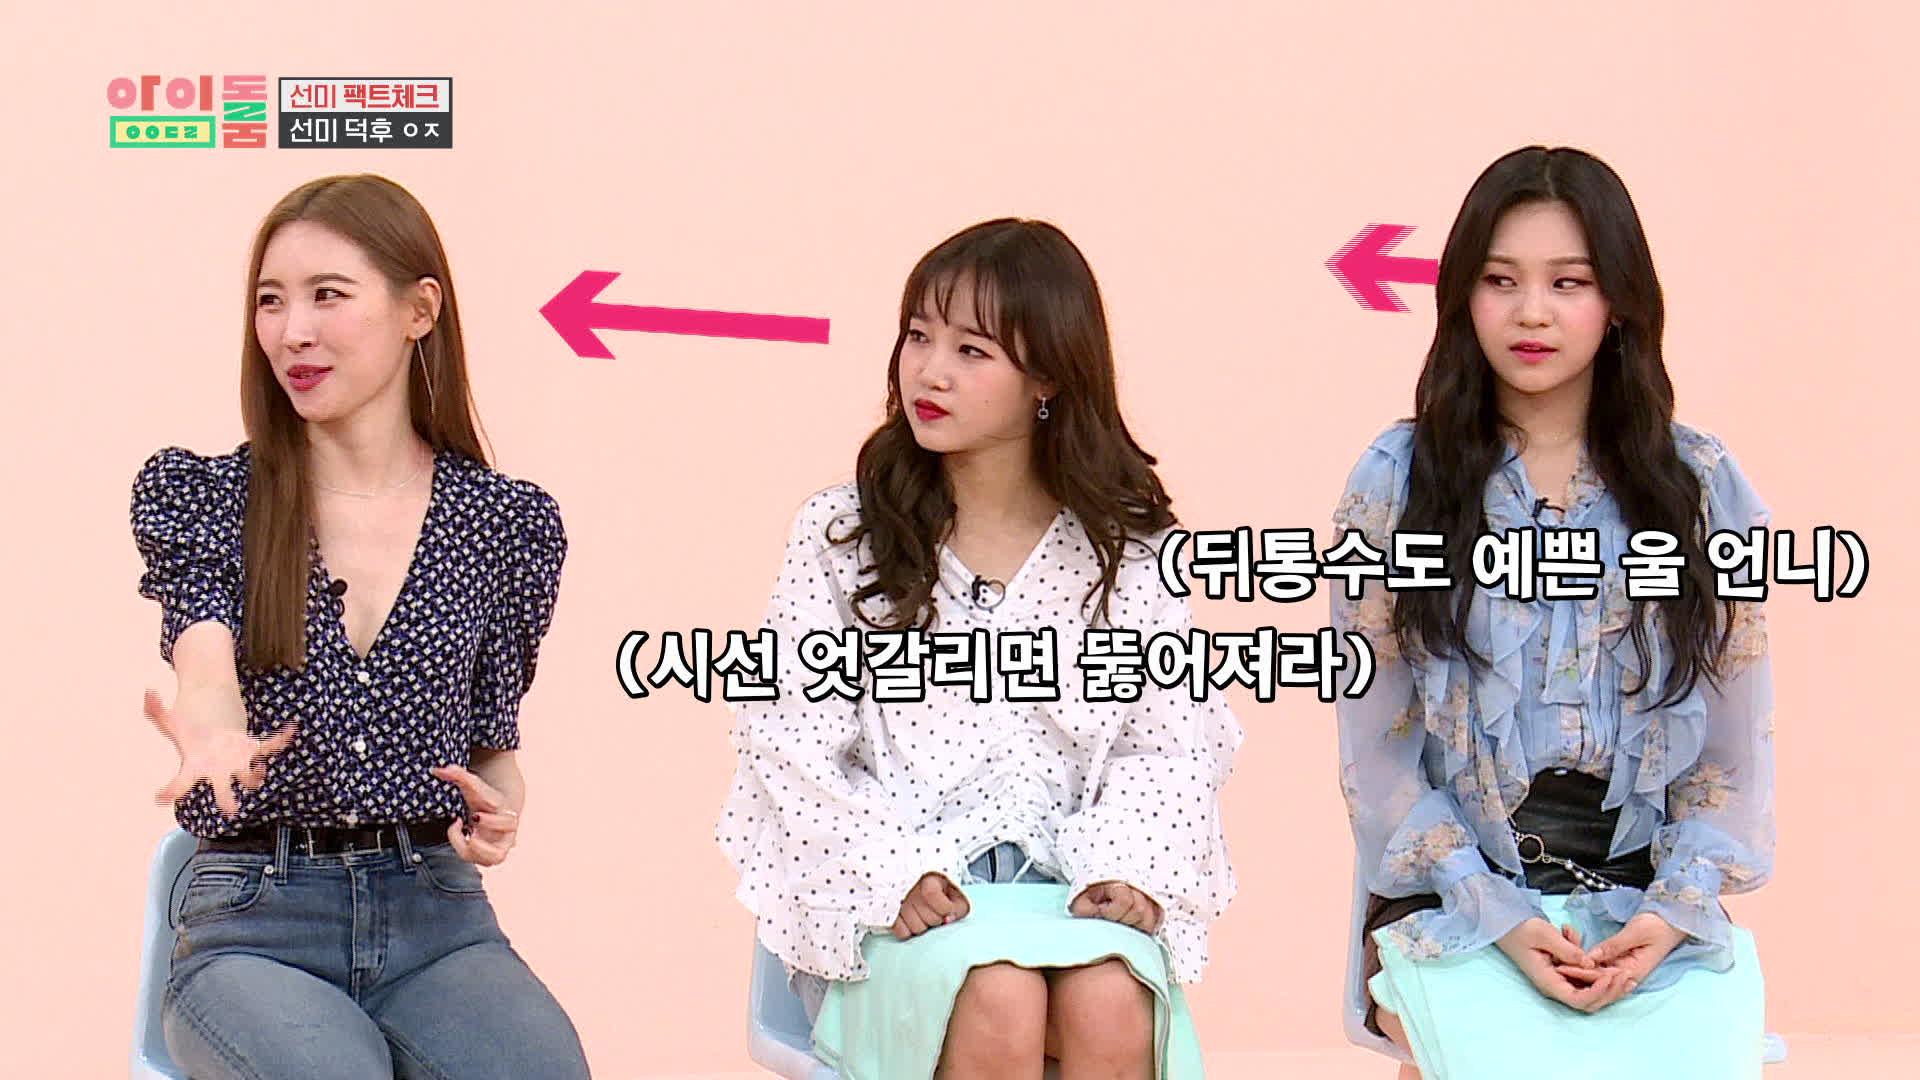 아이돌룸(IDOL ROOM) 18회 - 선미 덕후 ㅇㅈ (feat 여자친구 엄지, 위키미키 유정)